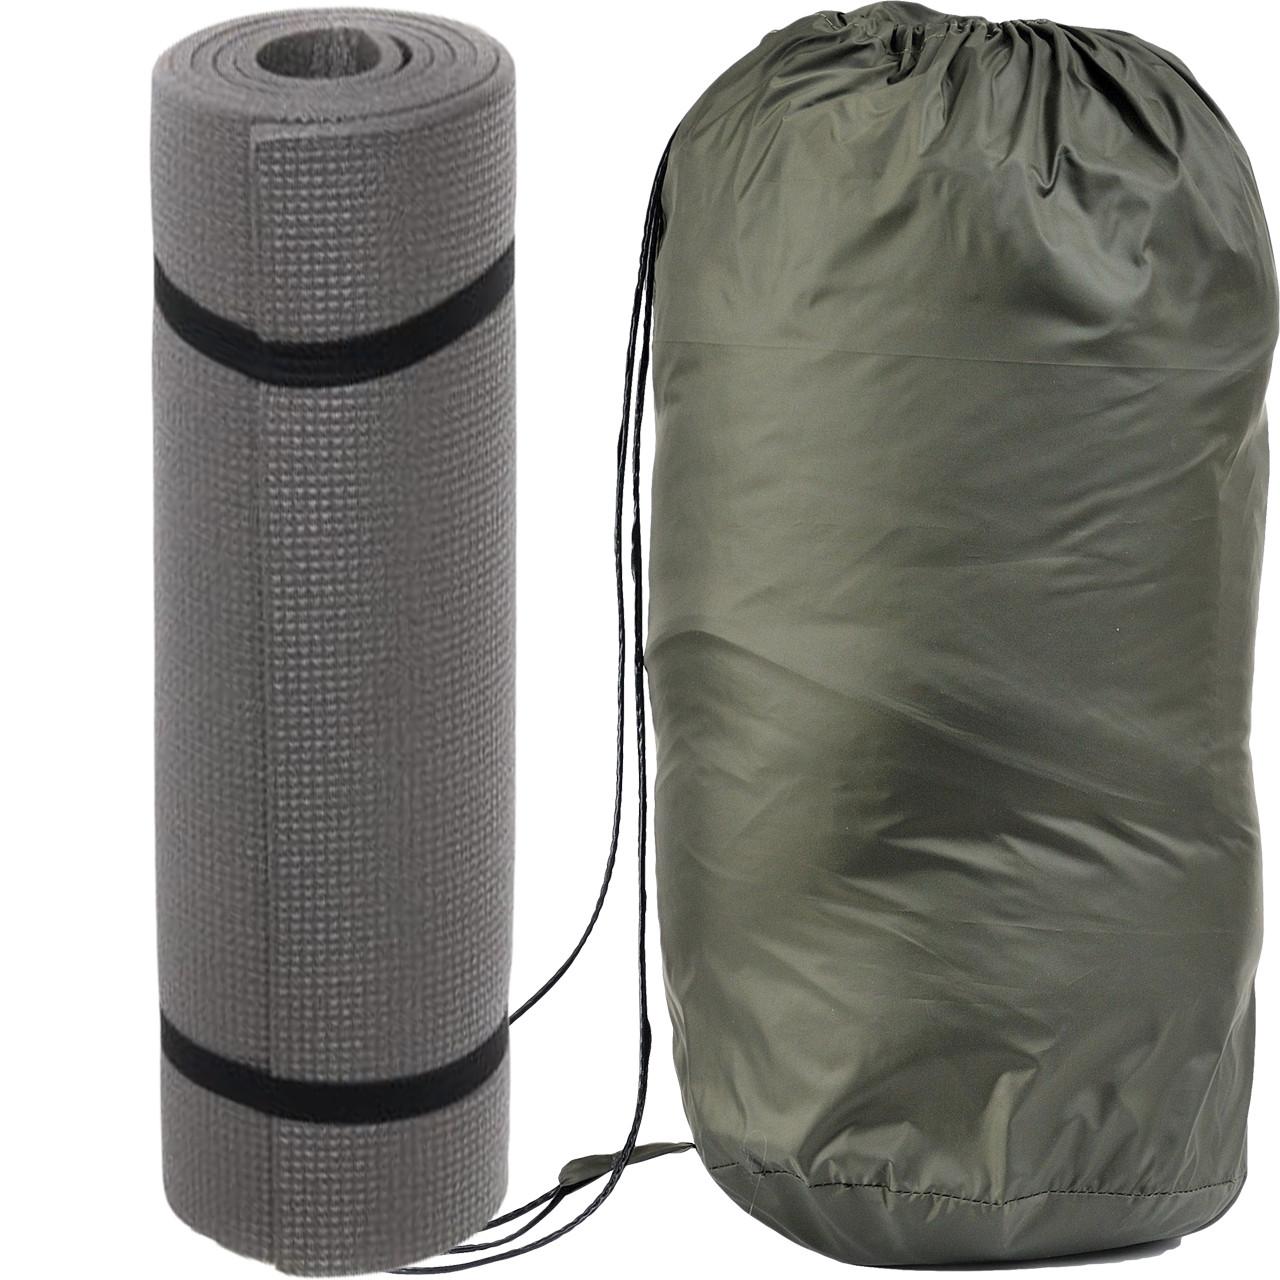 Спальний мішок для туризму і походів - ковдра для сну (Спальник)210х70см Похідний Весна/Літо Зелений + Каремат